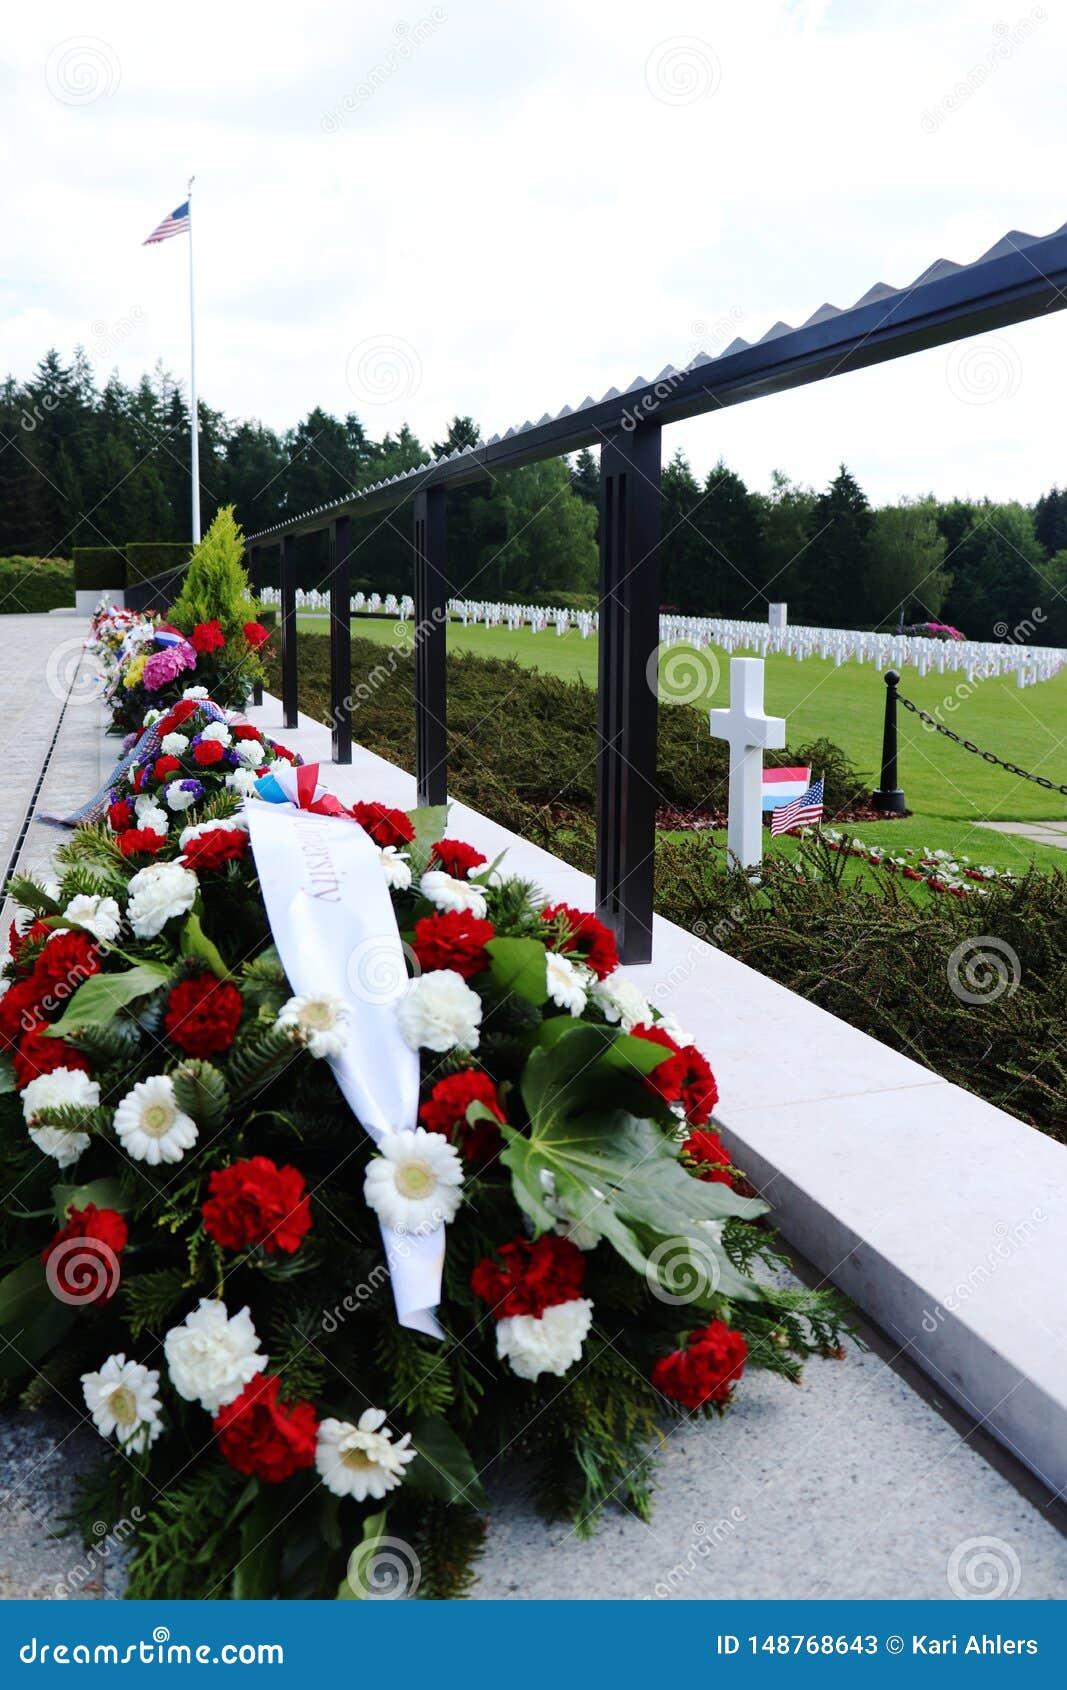 Λουλούδια προς τιμή τη ημέρα μνήμης  WWII νεκροταφείο στο Λουξεμβούργο